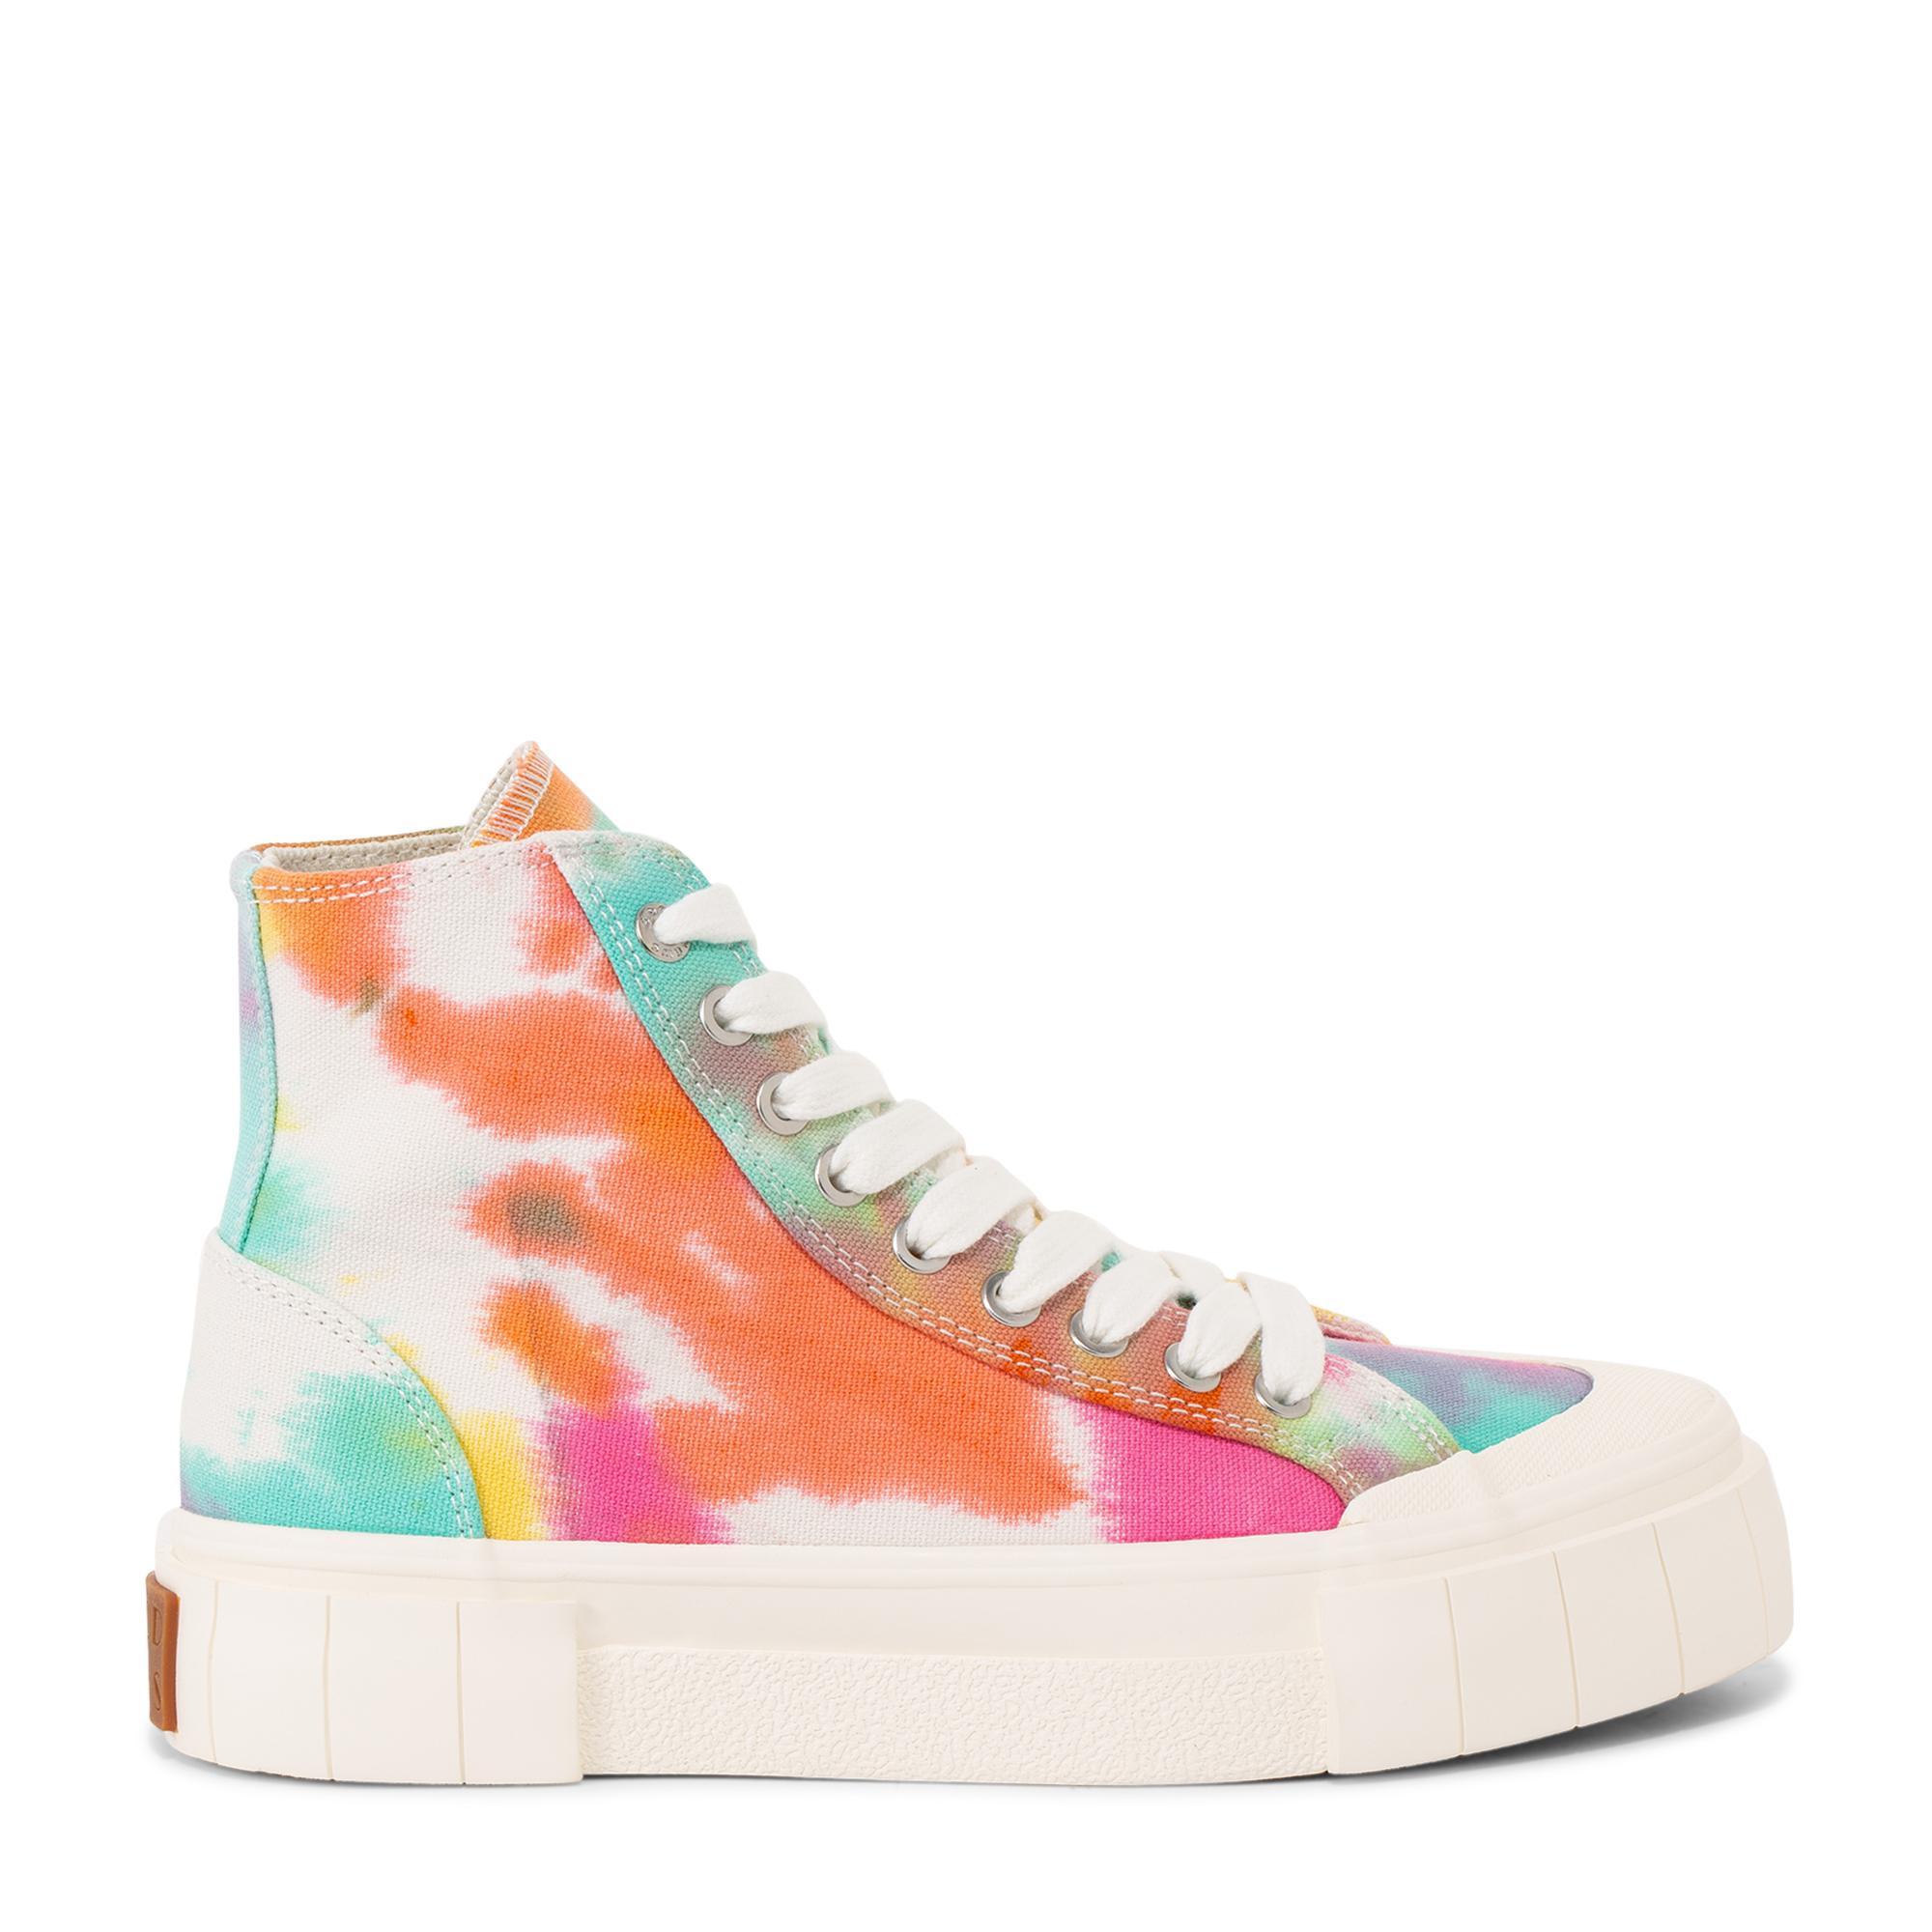 Palm ombre tie-dye sneakers